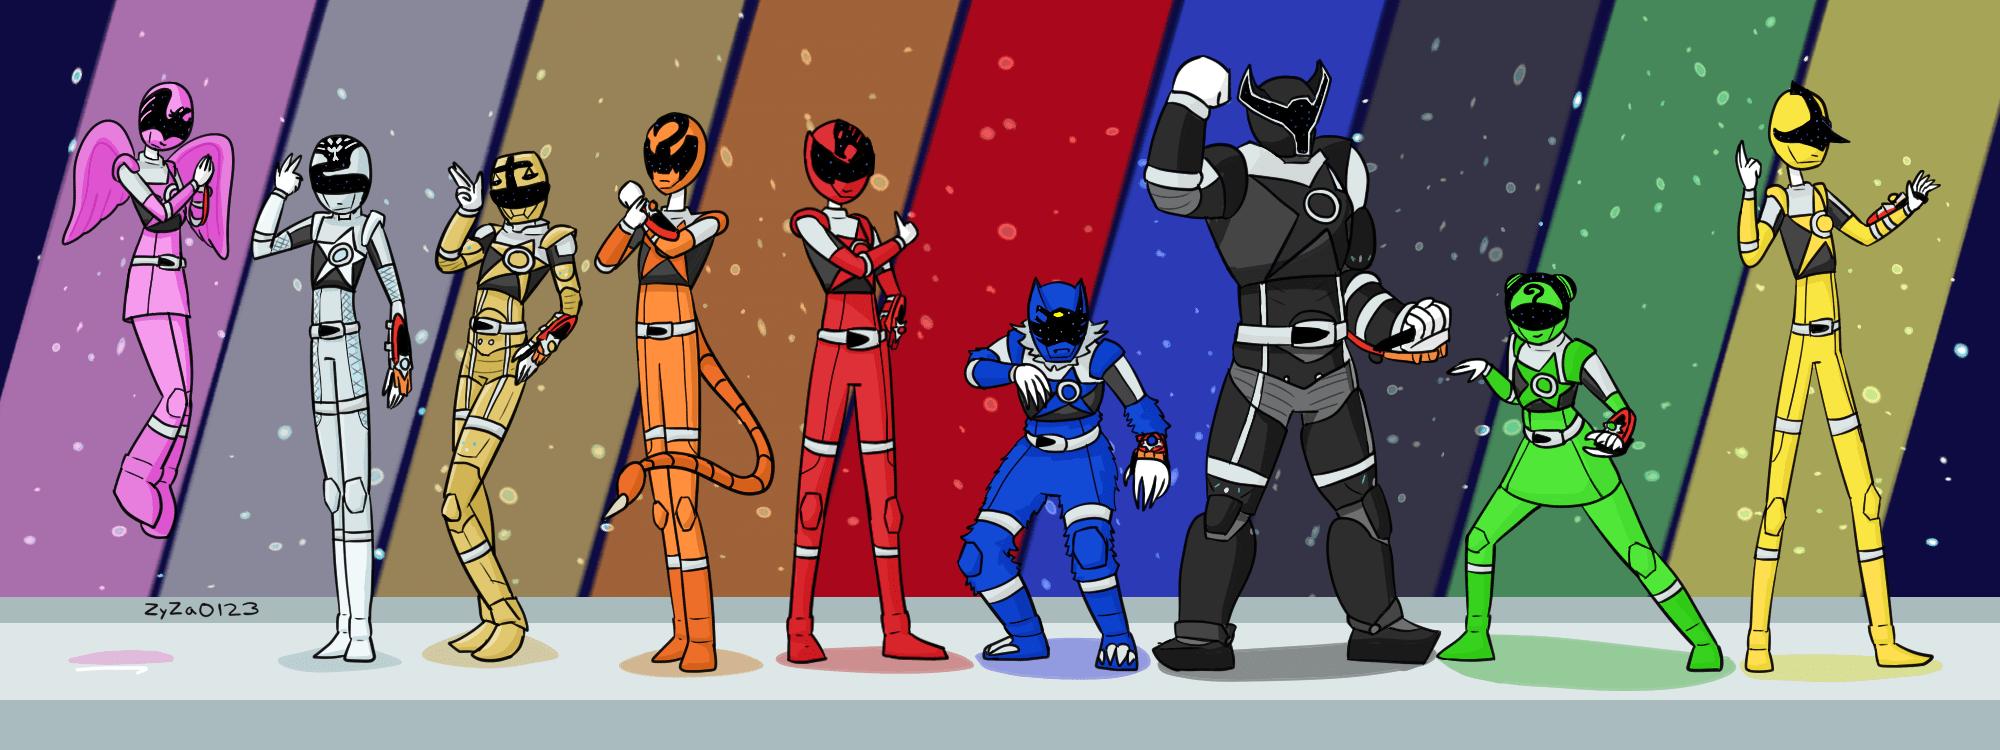 Uchuu Sentai Kyuranger 12